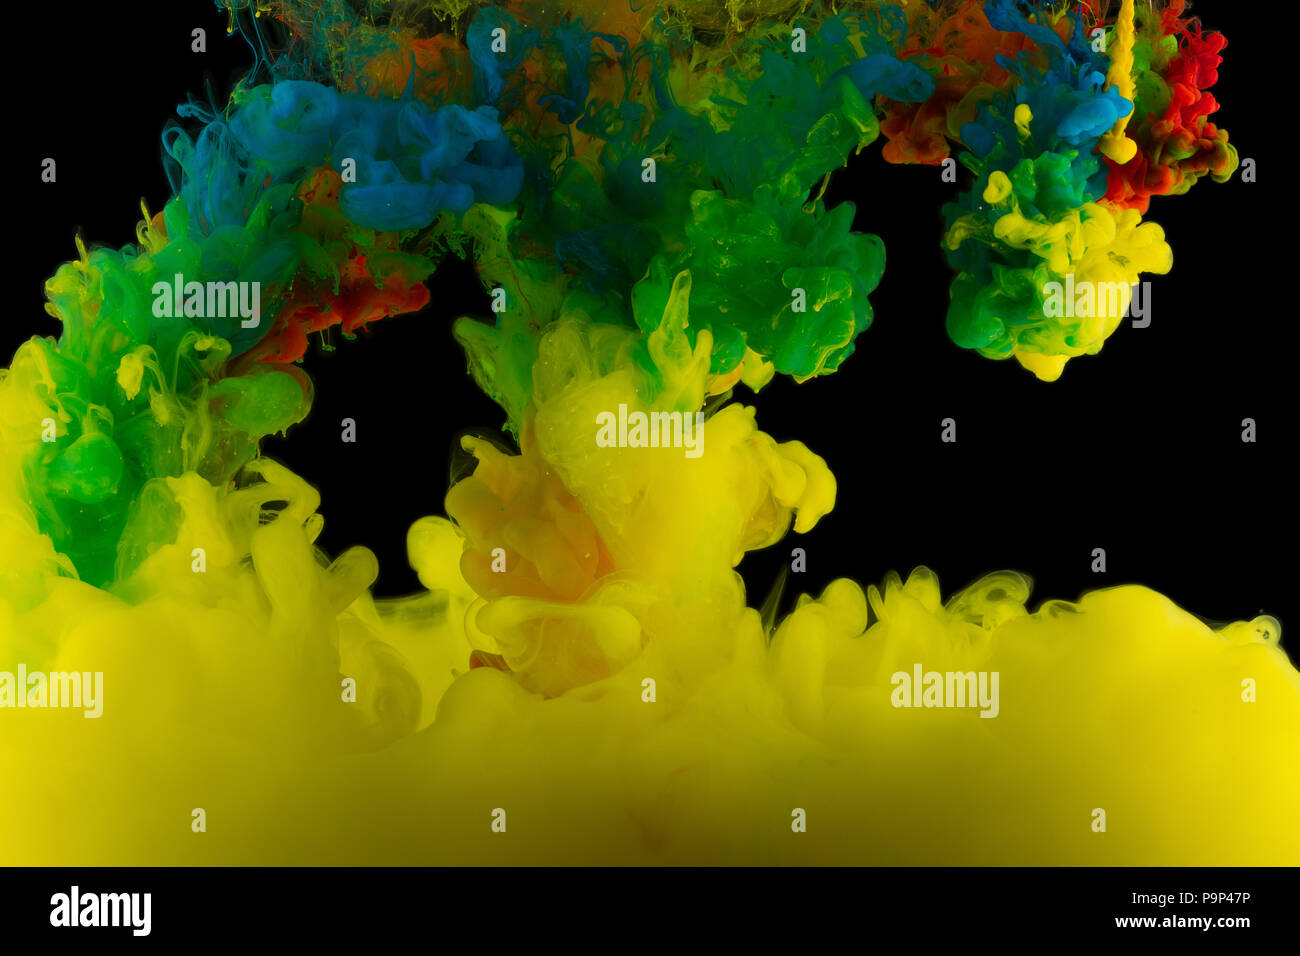 Astrazione multicolore su uno sfondo nero, studio luce Immagini Stock